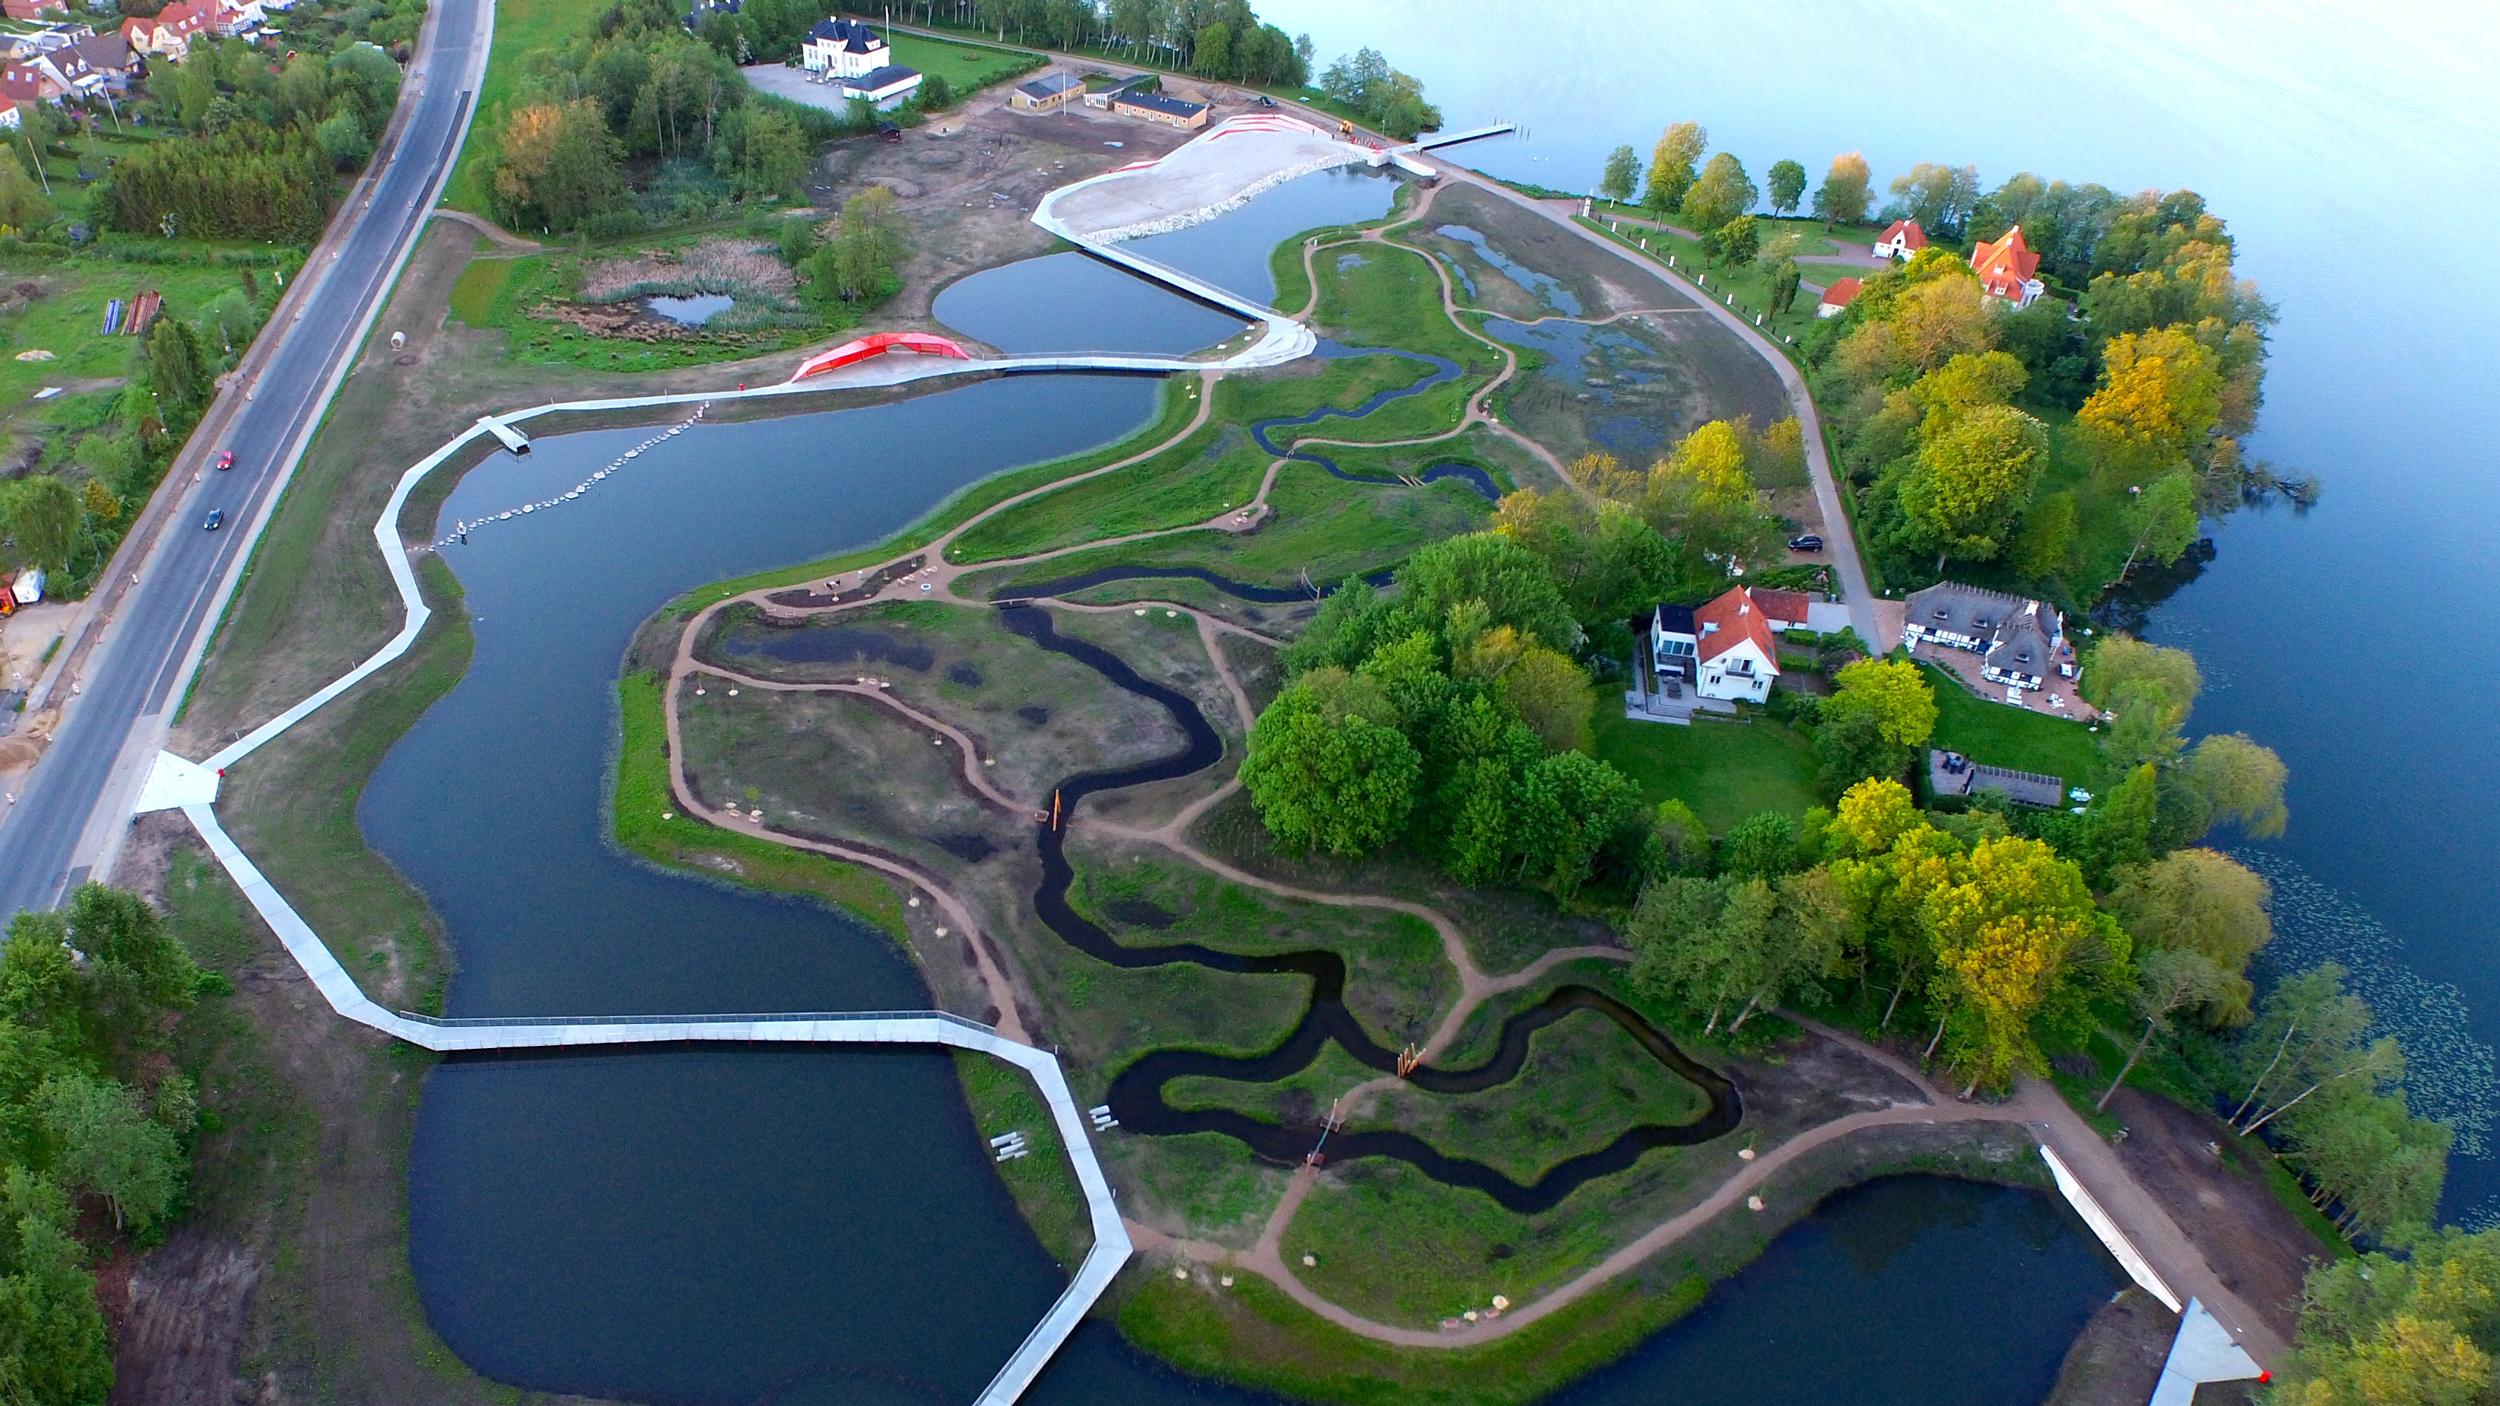 Sønæs-projektet i Viborg kombinerer rensedam med et rekreativt parkområde, så der både er plads til mere regnvand og til ophold, leg og læring. Foto via Dansk Kyst- og Naturturisme, Kenneth Armitzbøll.